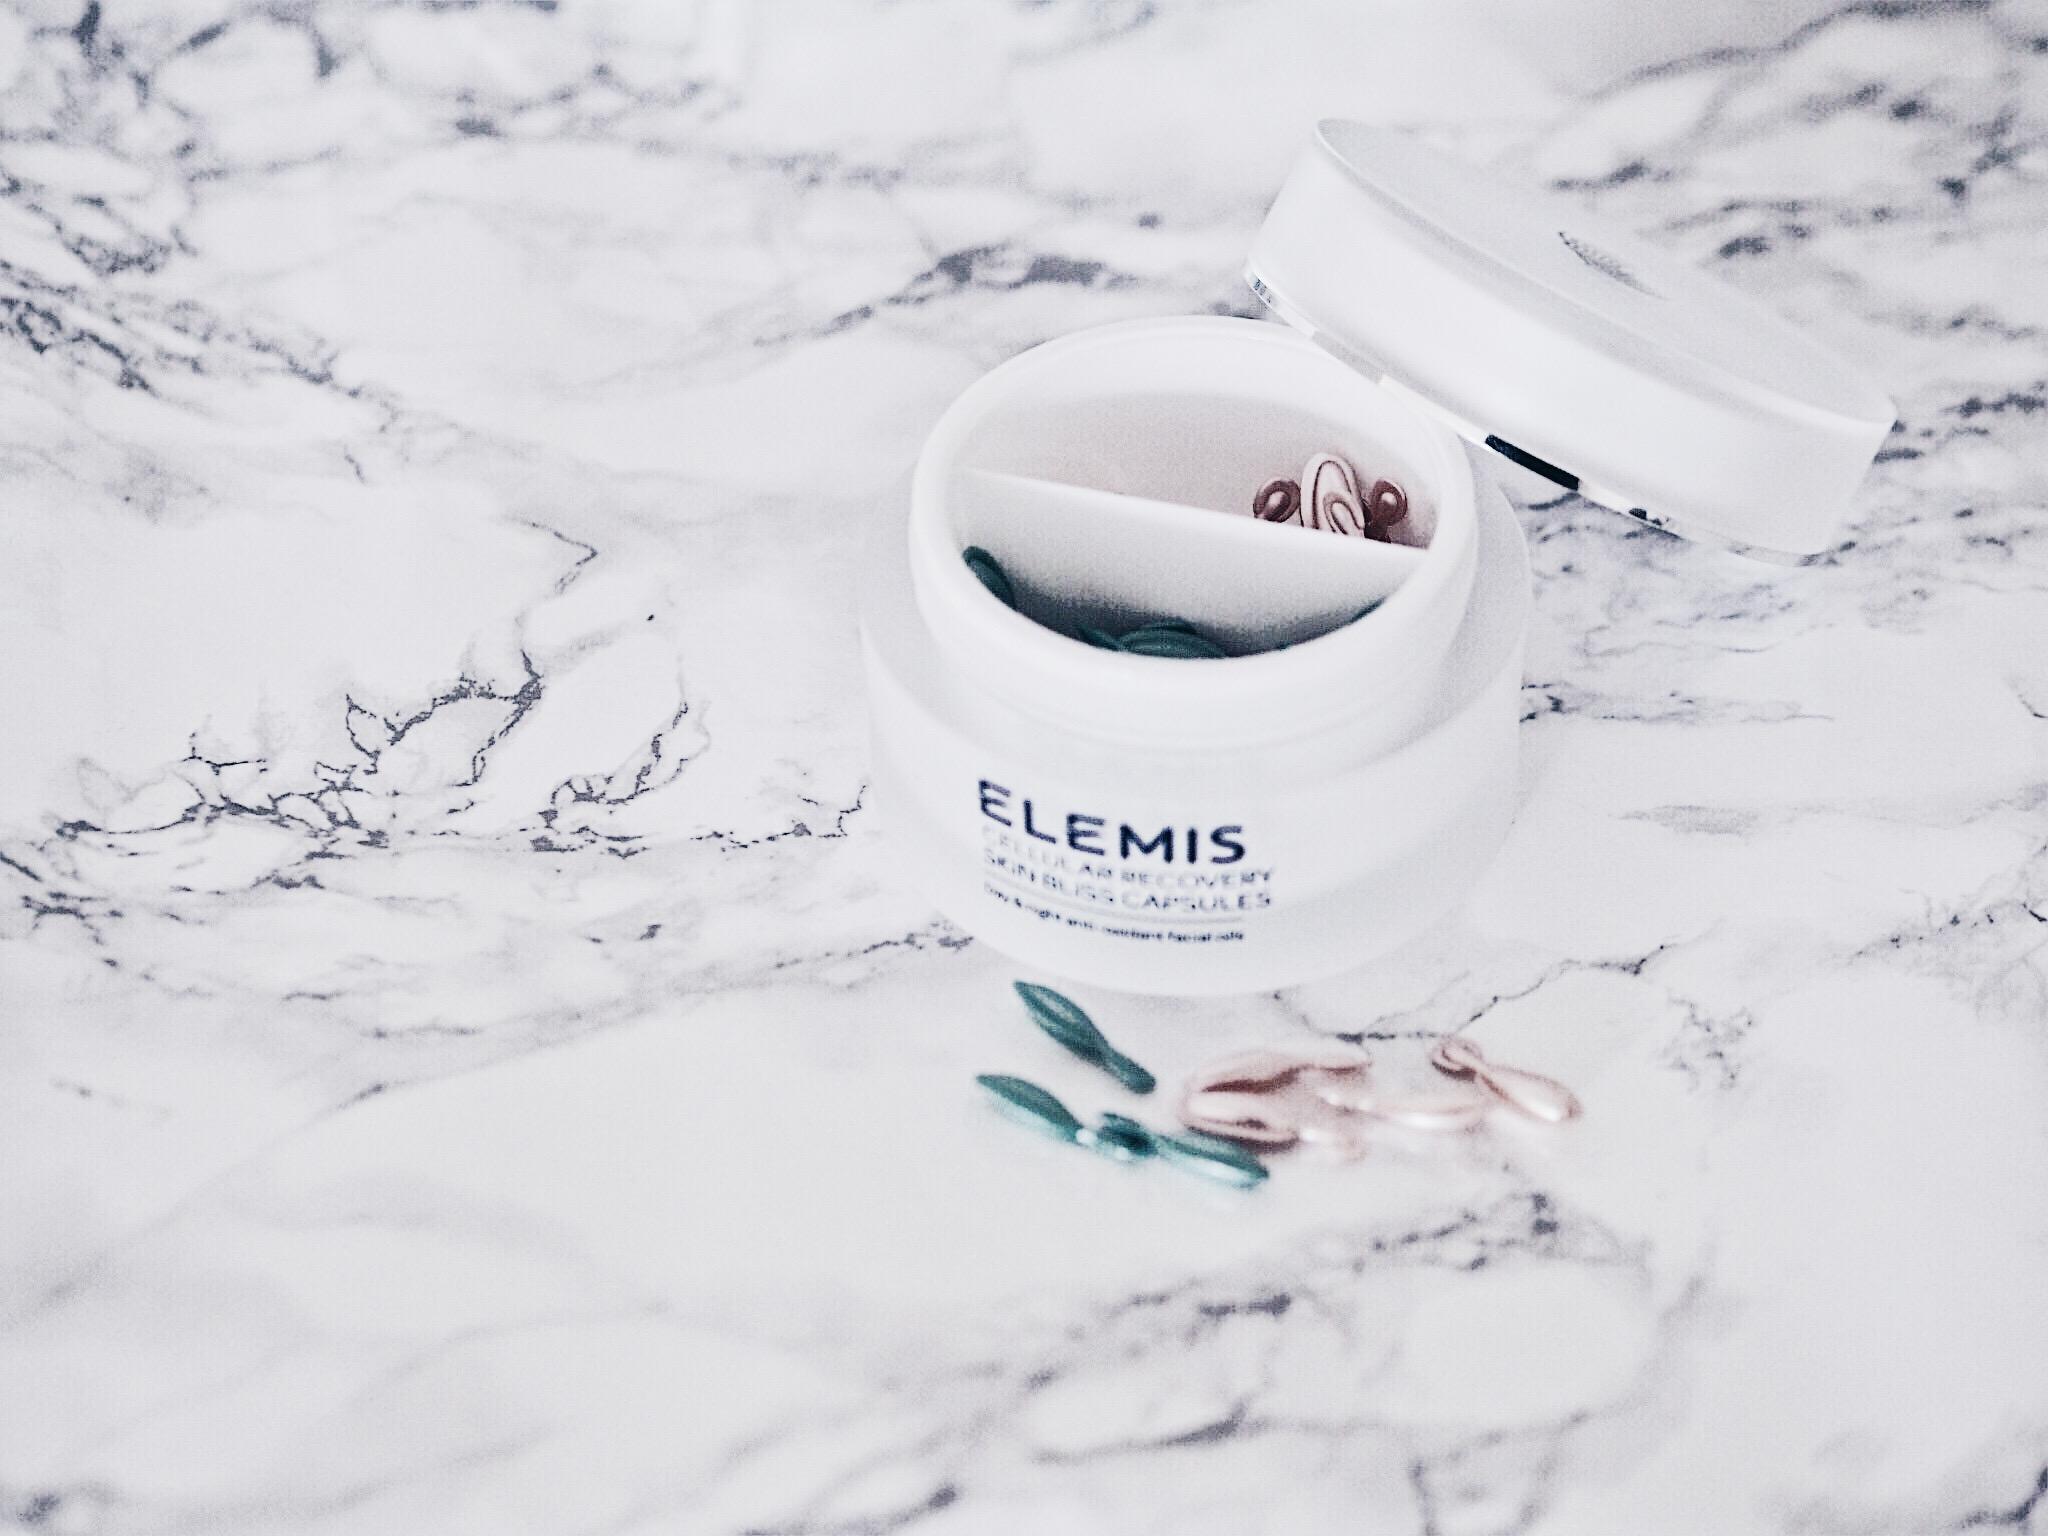 Elemis capsules